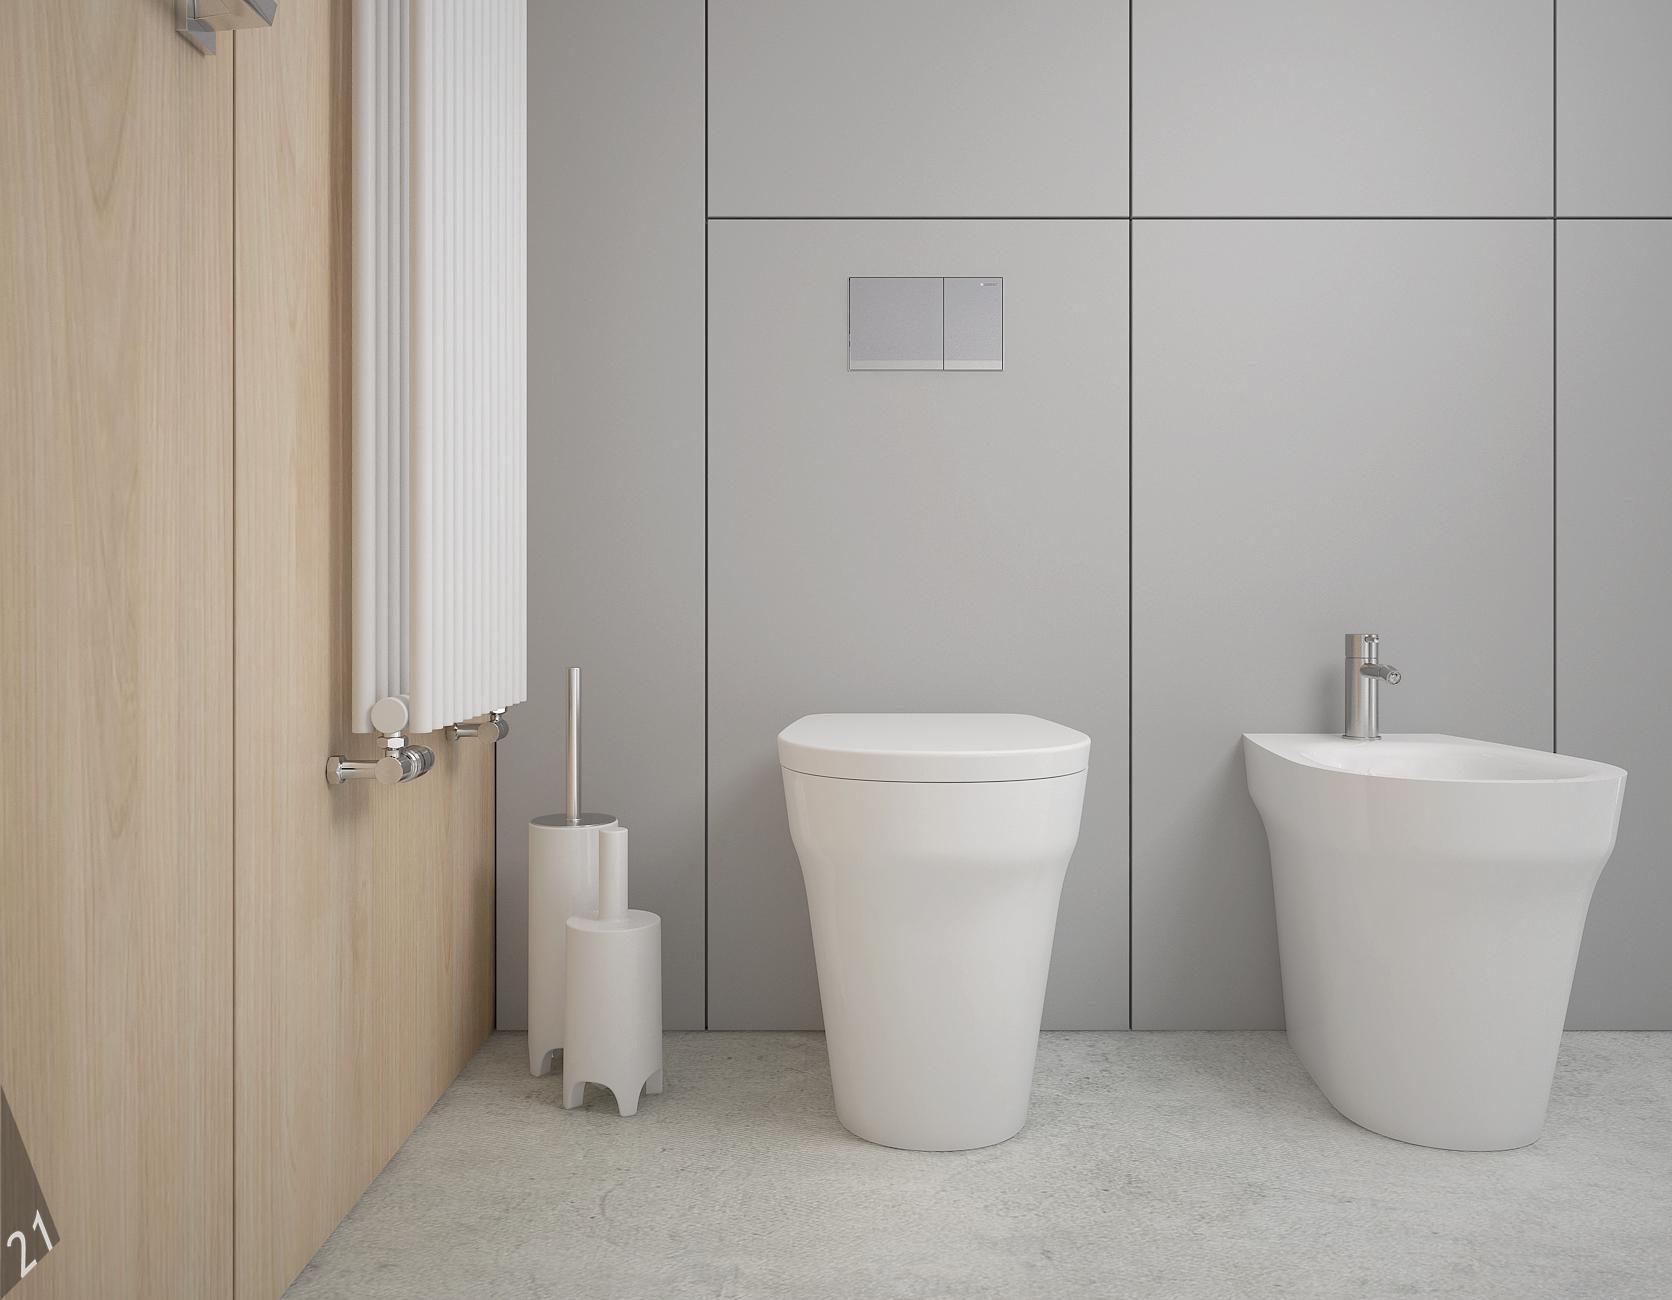 9 projektant wnetrz D372 dom z antresola katowice lazienka miska wc bidet zabudowa stelaza meblowa grzejnik dekoracyjny